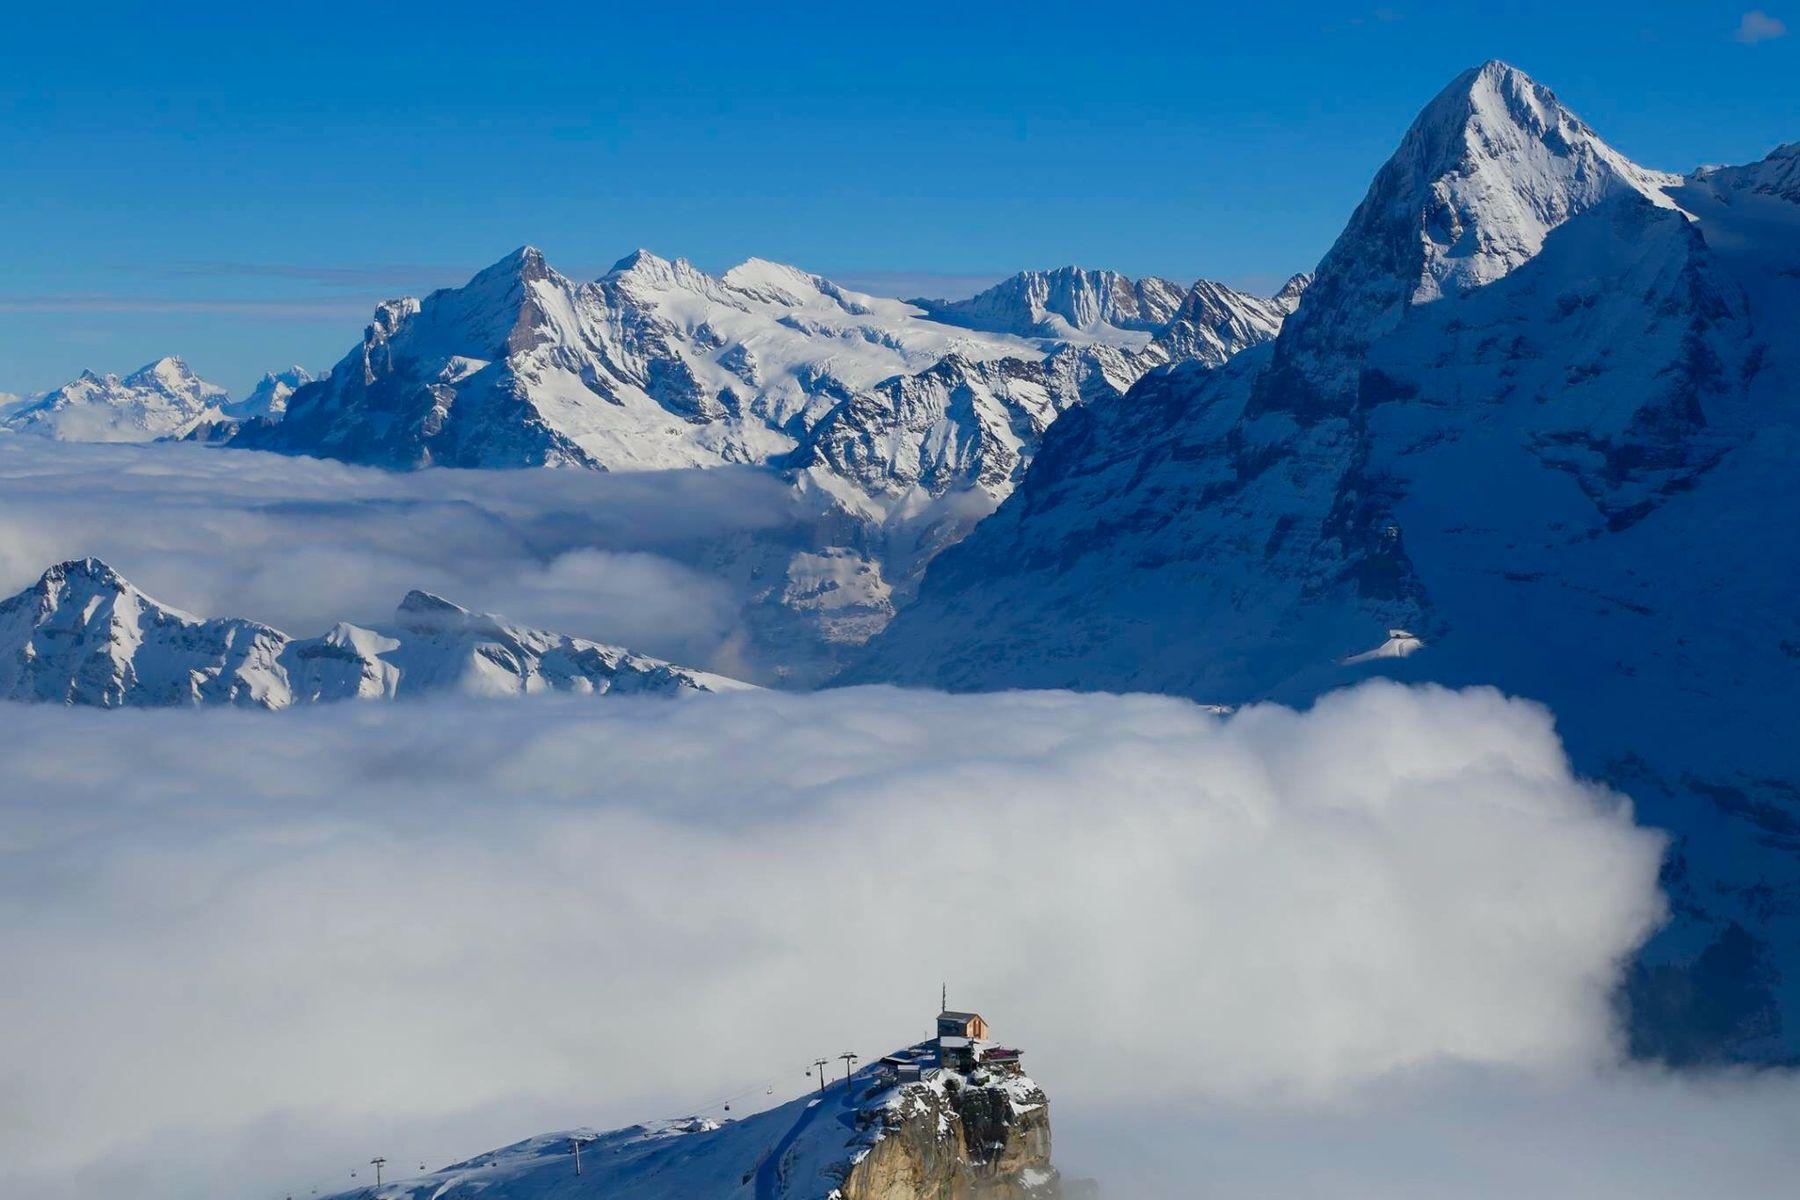 Piz Gloria. Швейцария Швейцария путешествия горы снег